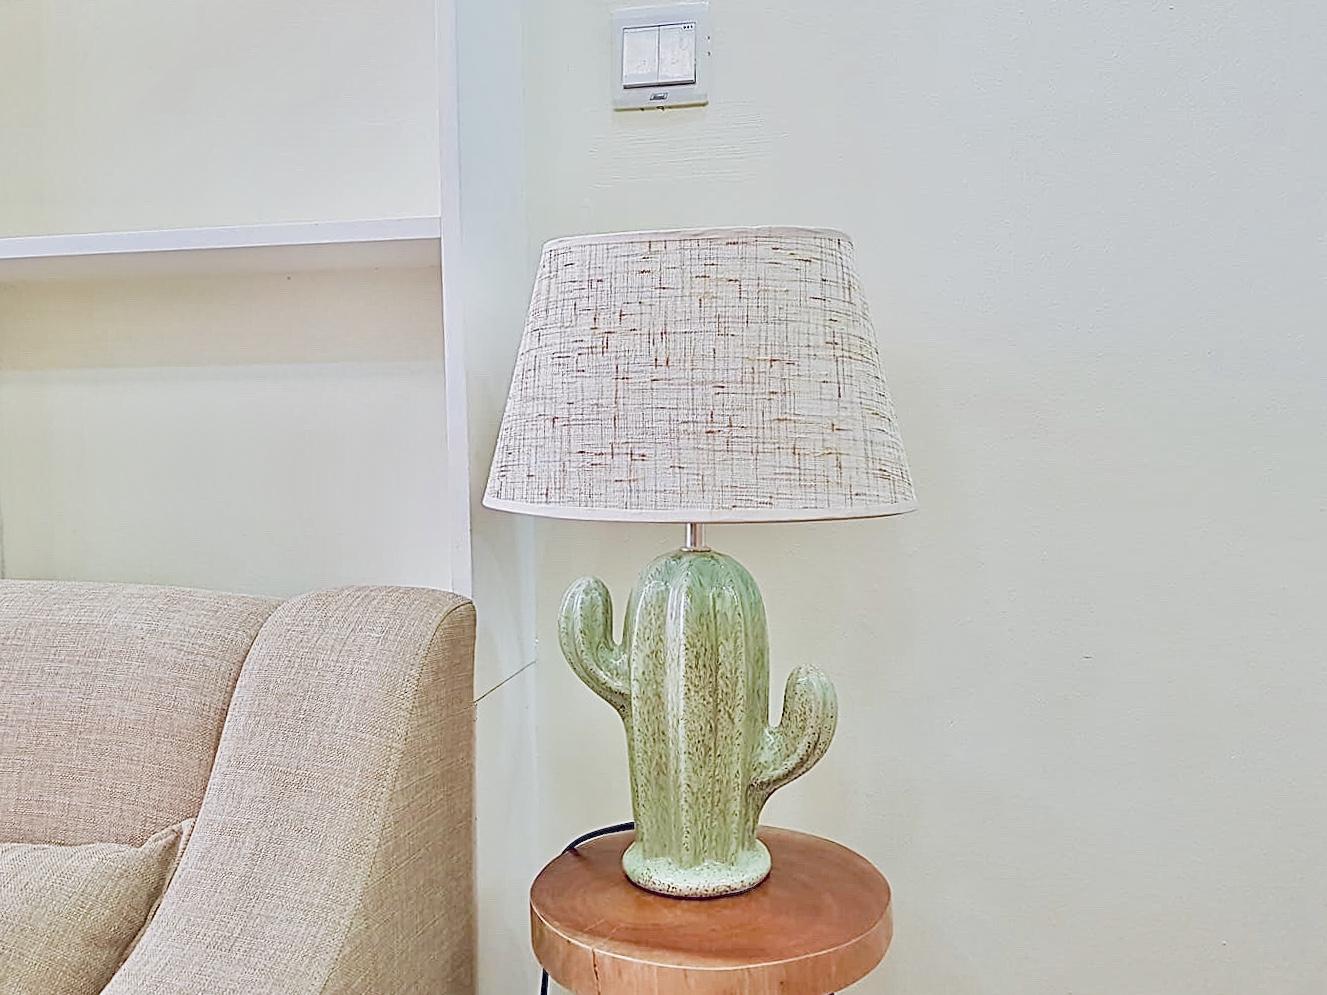 Đèn bàn hình cây xương rồng kiểu dáng độc đáo DY16463